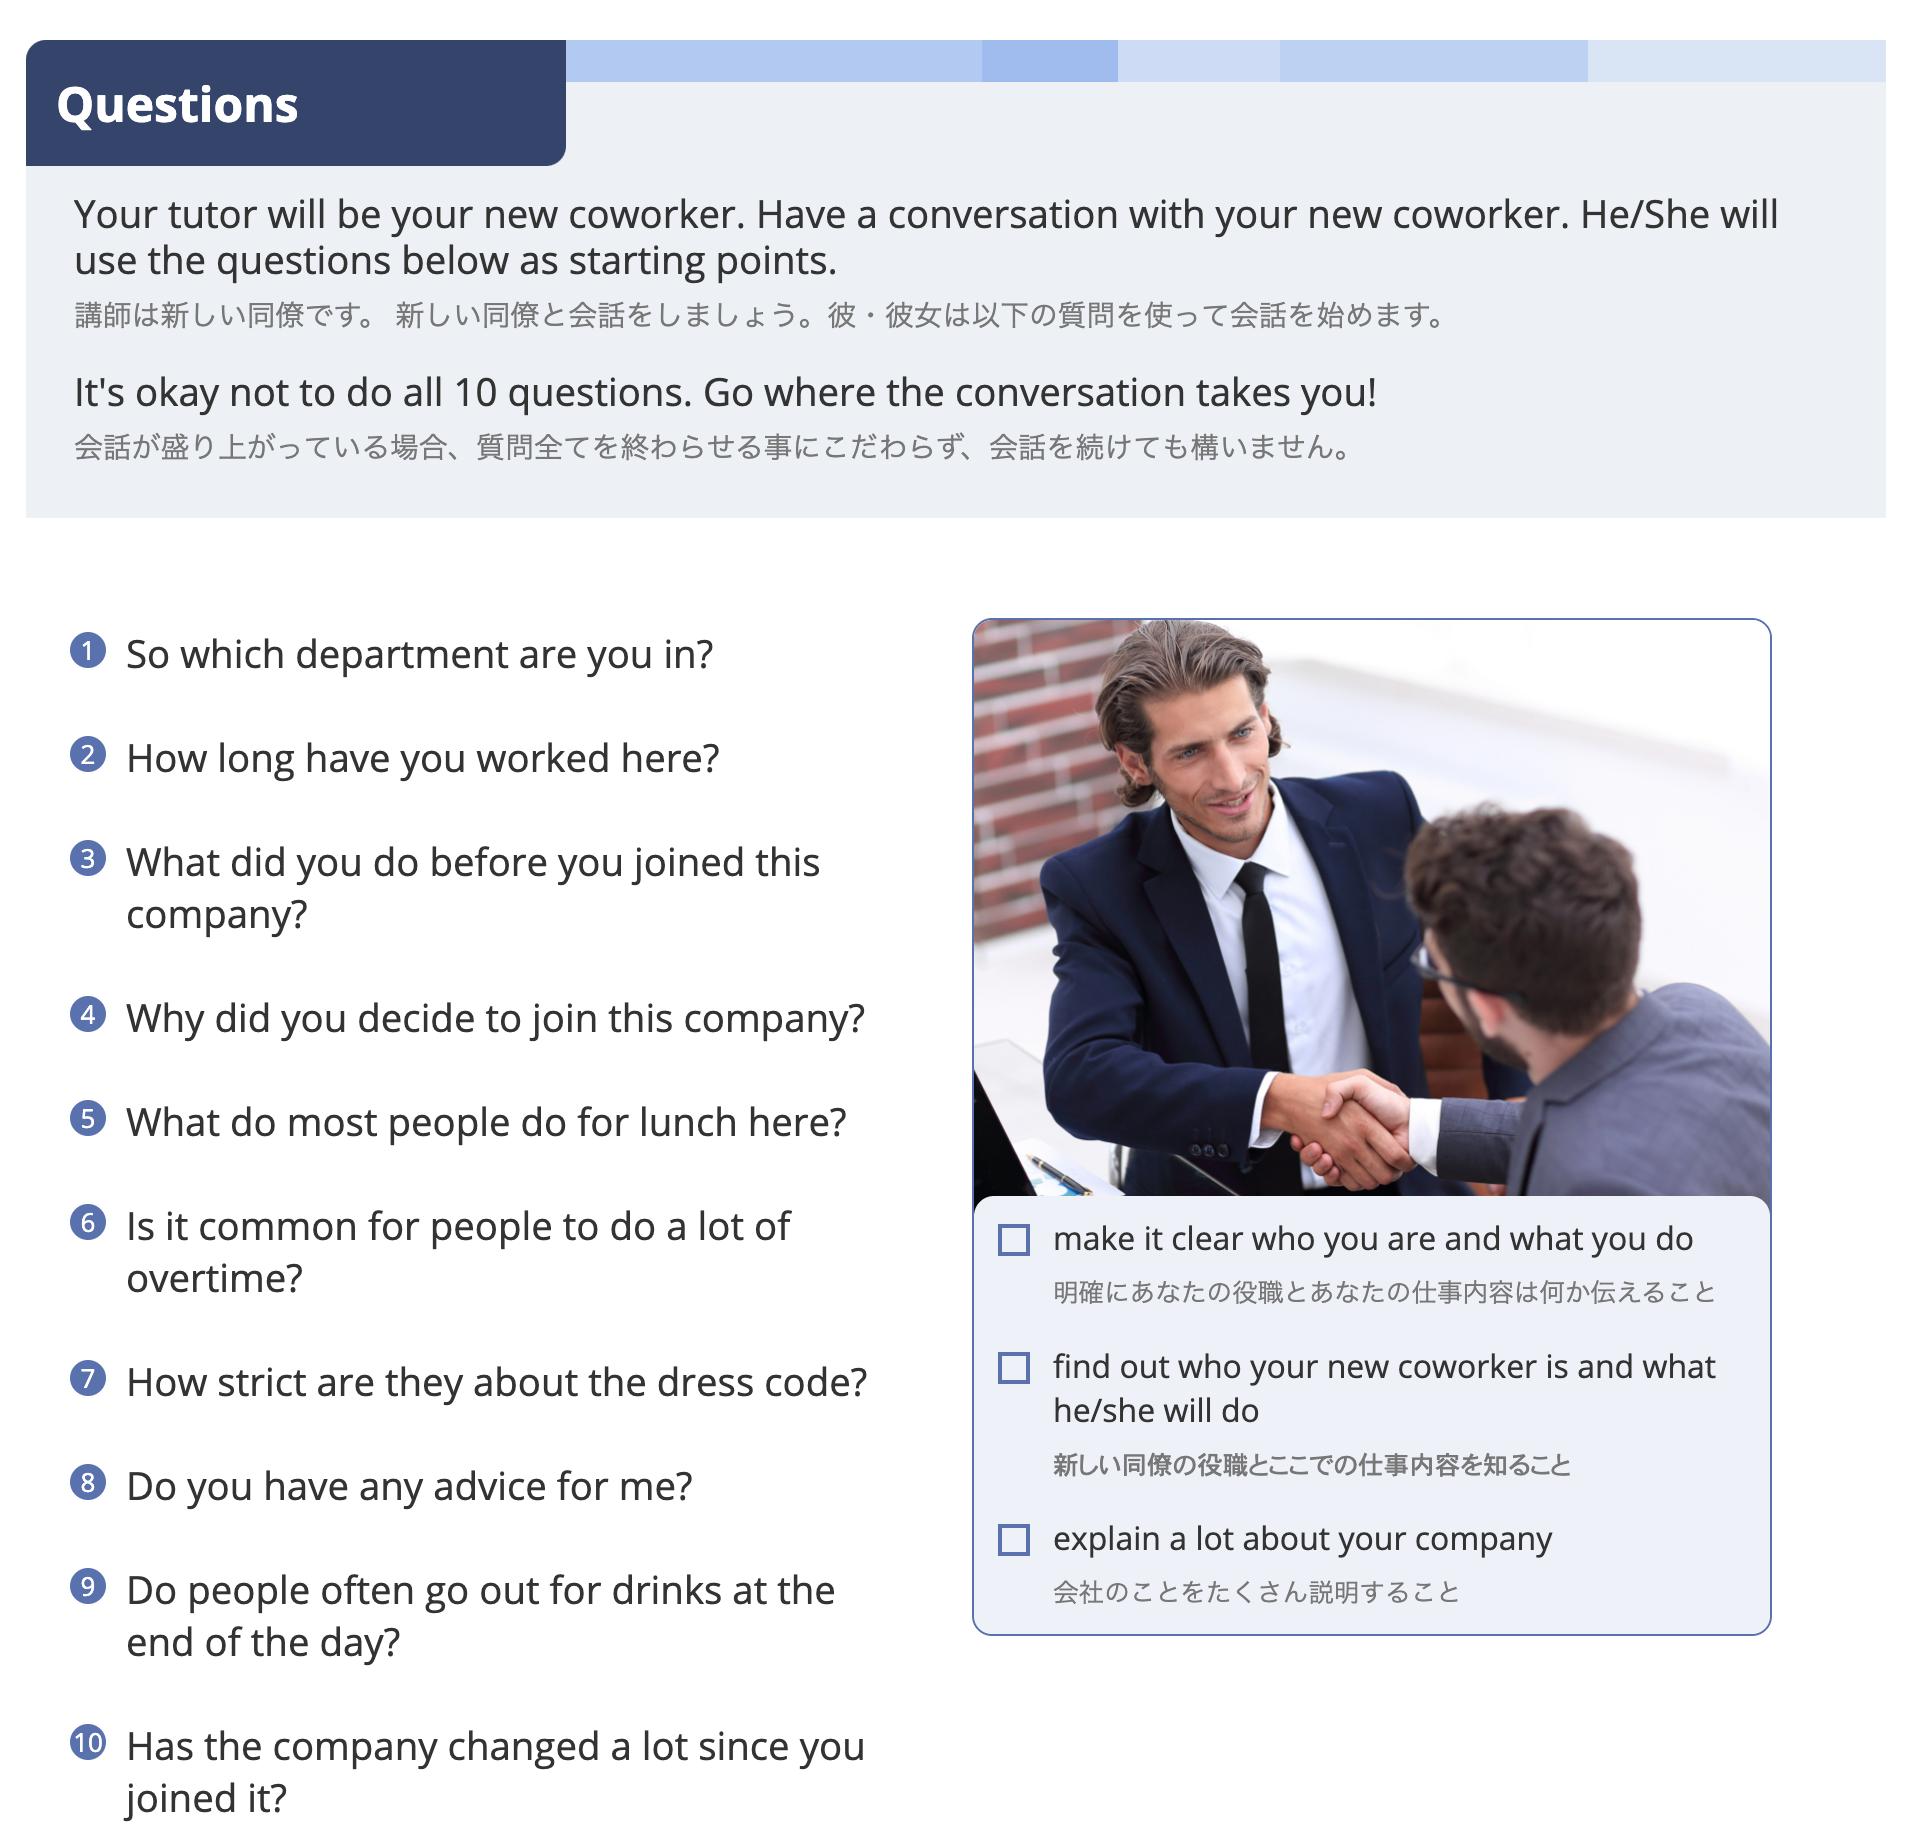 ビジネスシチュエーションクエスチョン 初中級 QUESTIONS